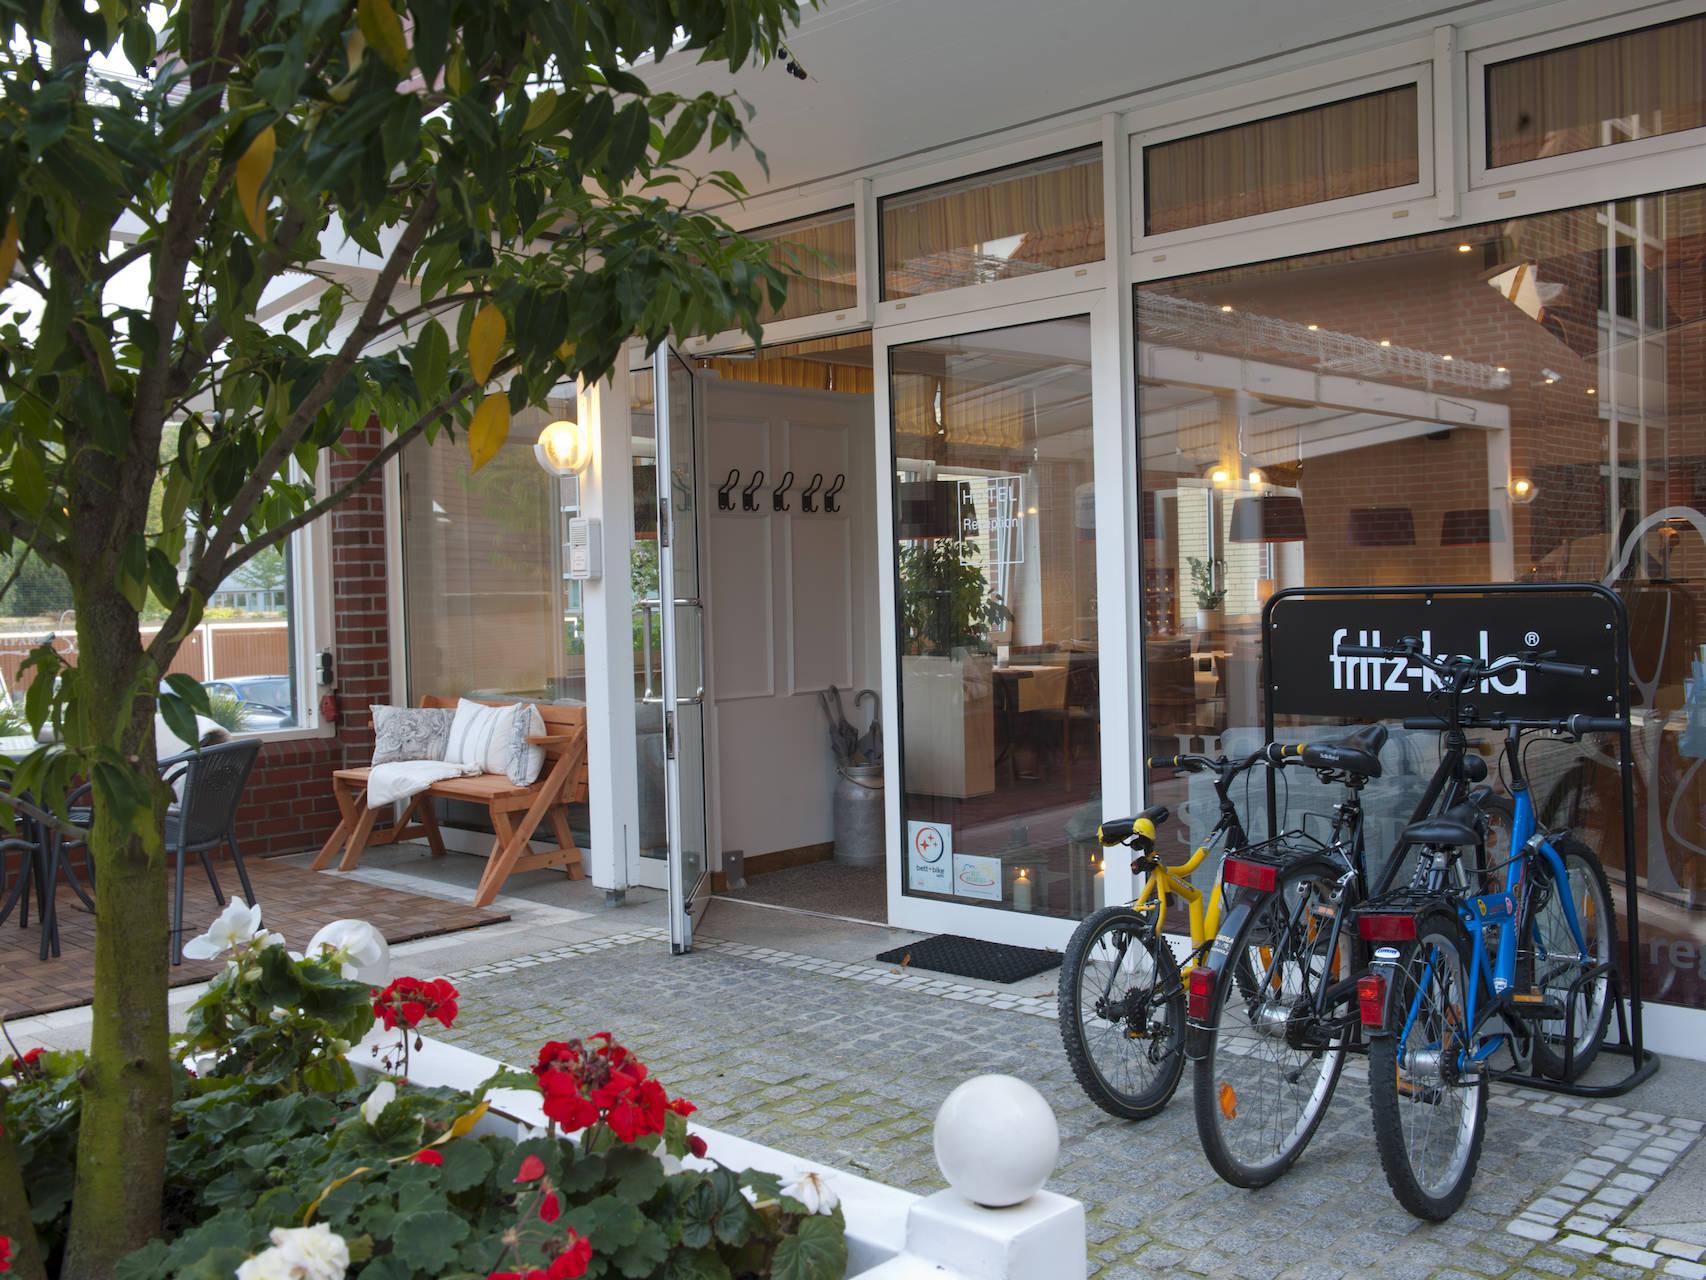 Aussenansicht Hotel am Stadtpark Buxtehude 1 uai